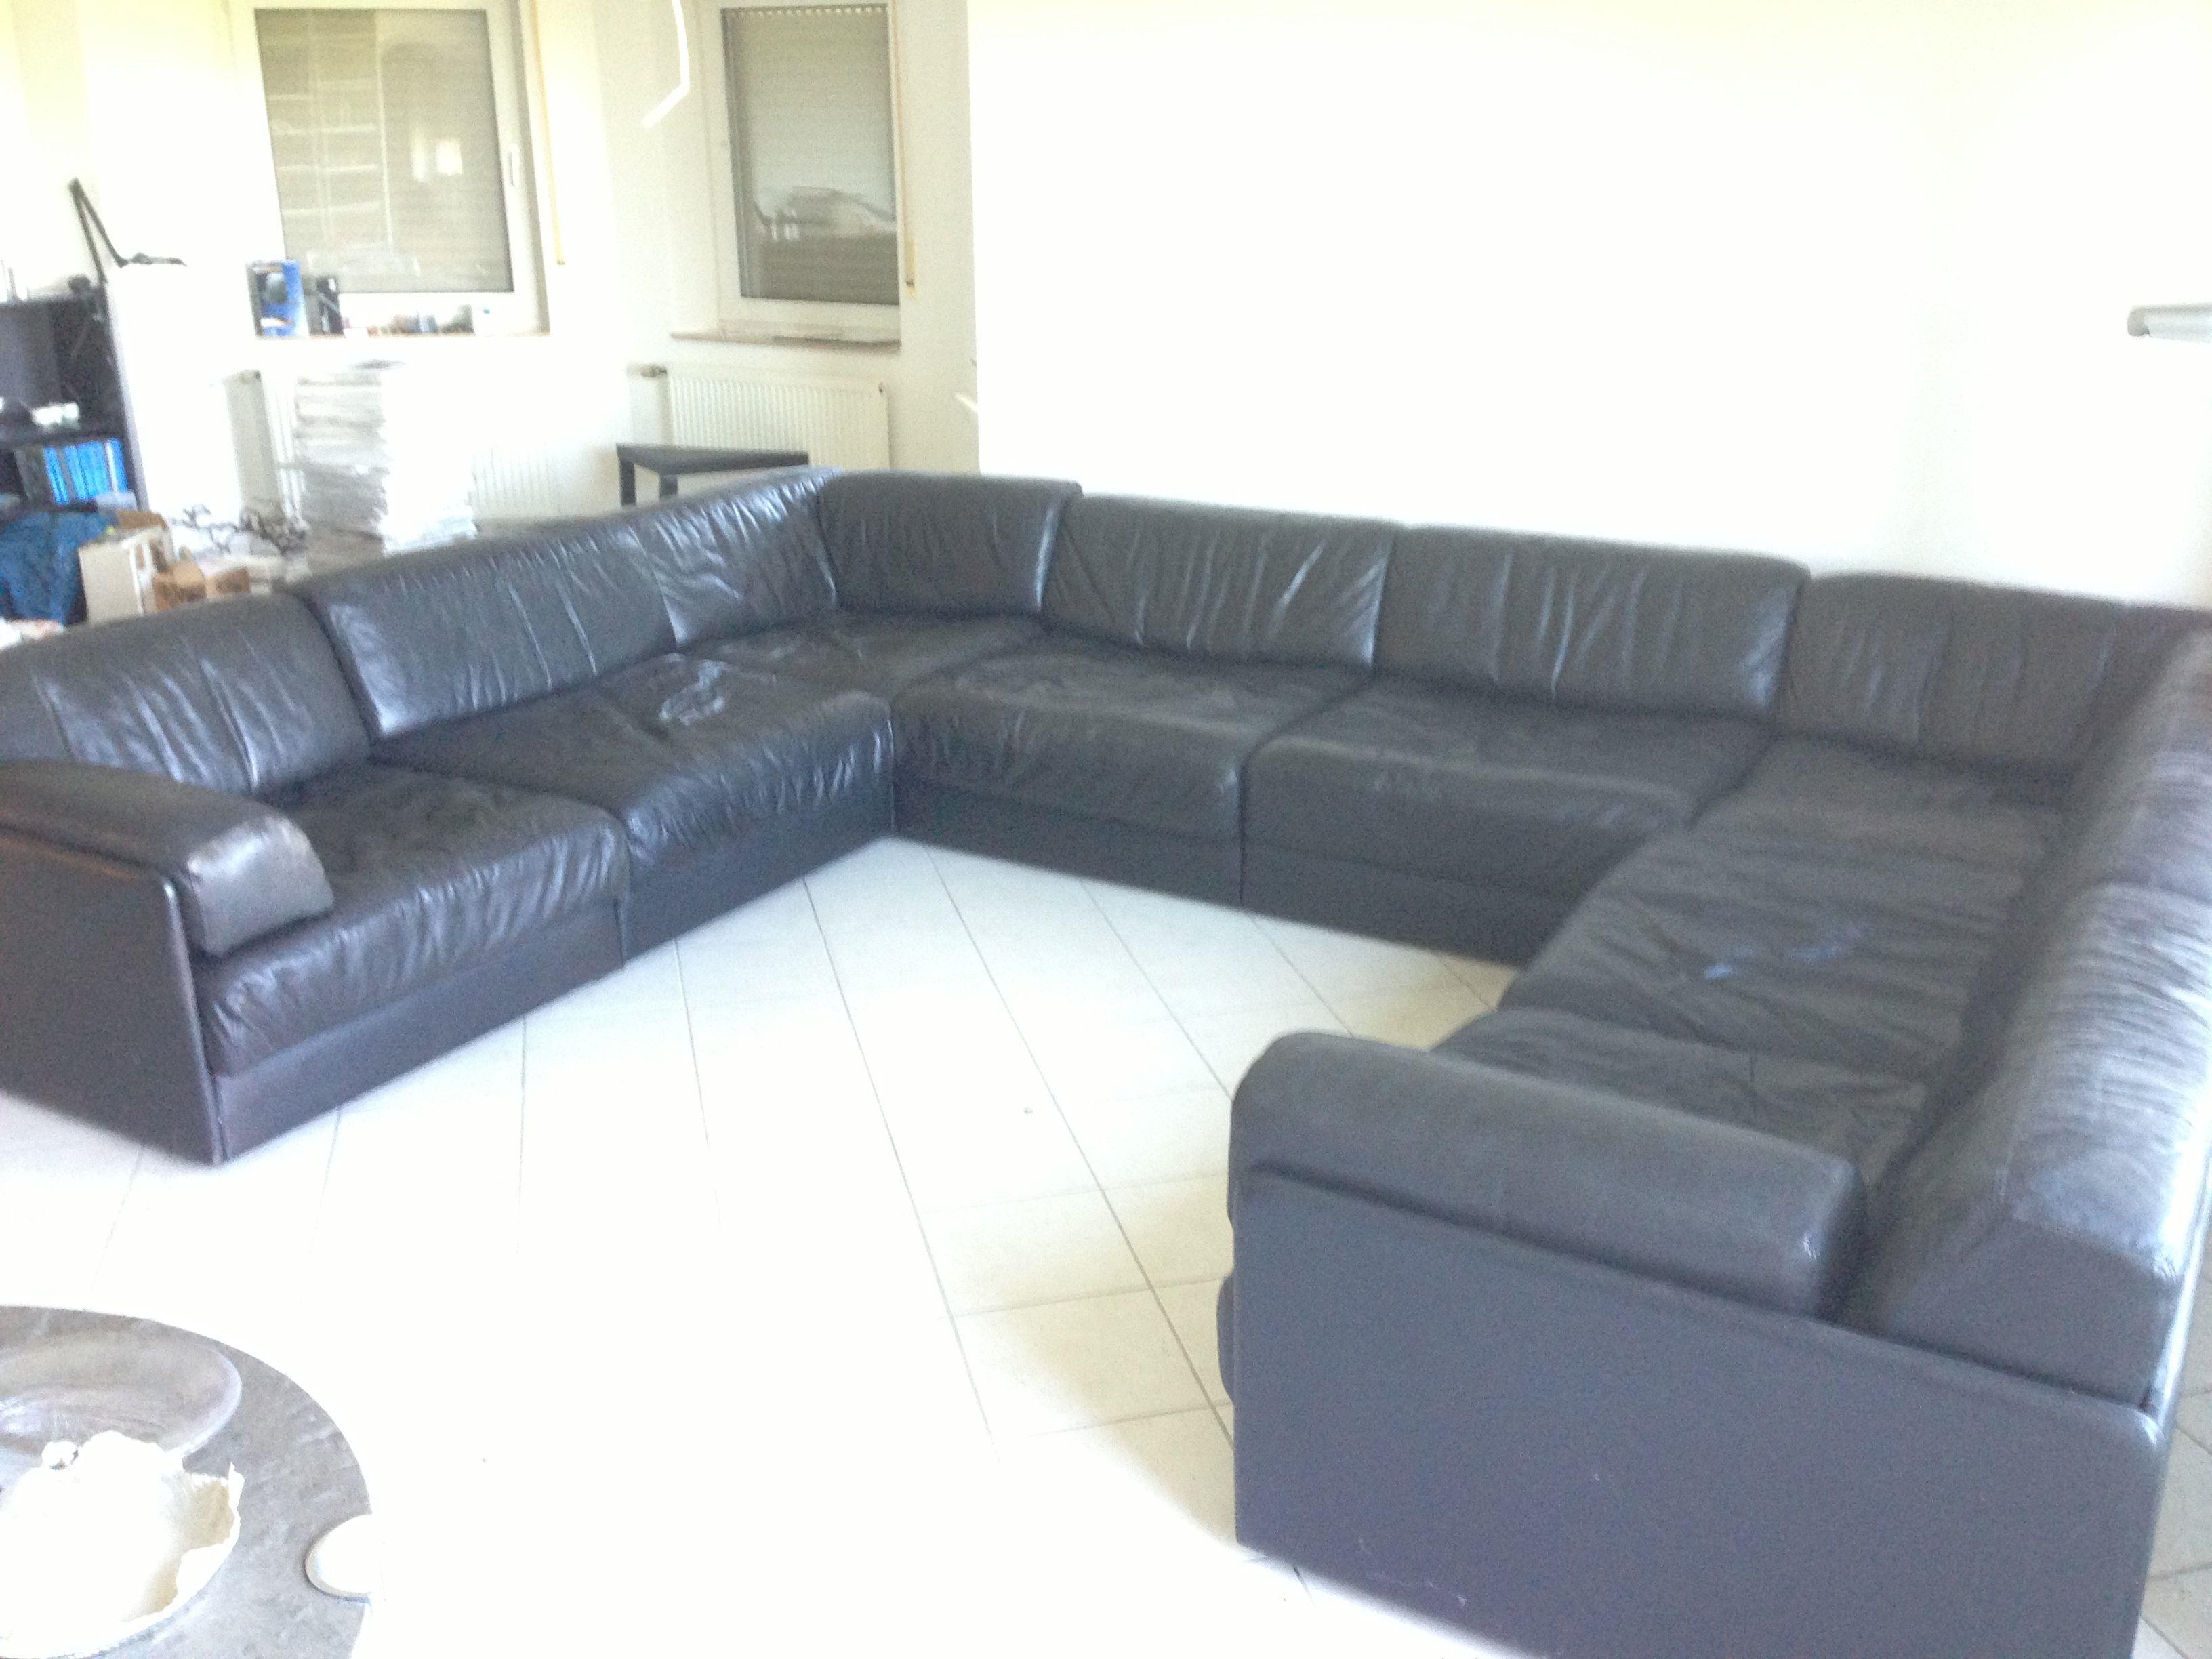 antiquit ten und nachl sse kunst und design 20jhd ankauf k ln designankauf designerm bel. Black Bedroom Furniture Sets. Home Design Ideas